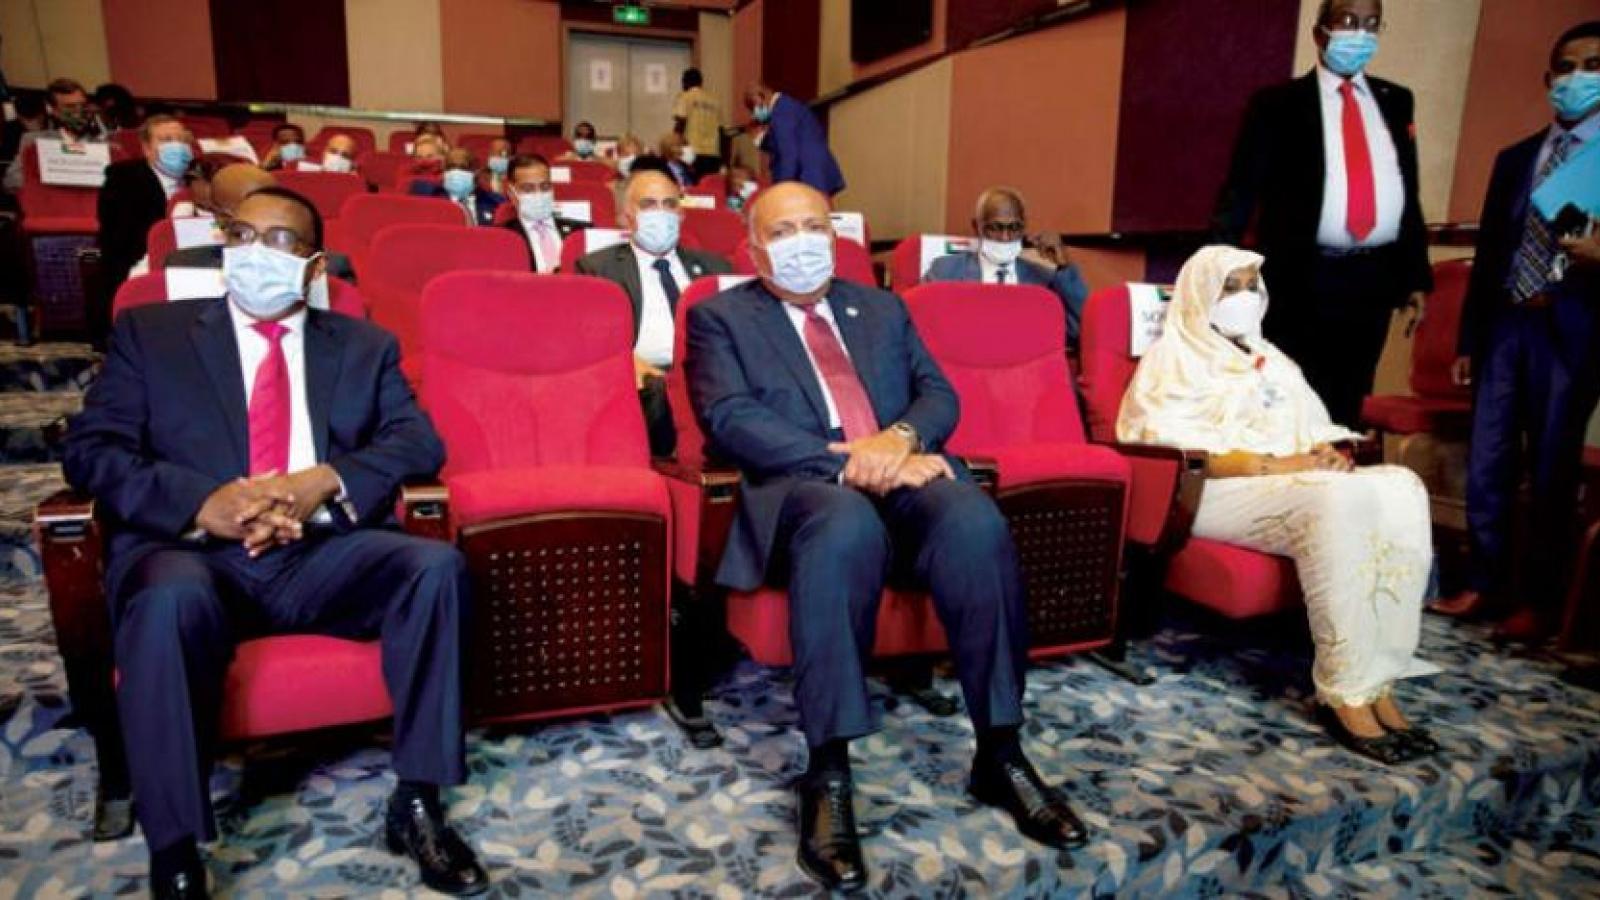 Ai Cập và Sudan bác bỏ đề xuất chia sẻ thông tin của Ethiopia về đợt tích nước thứ 2